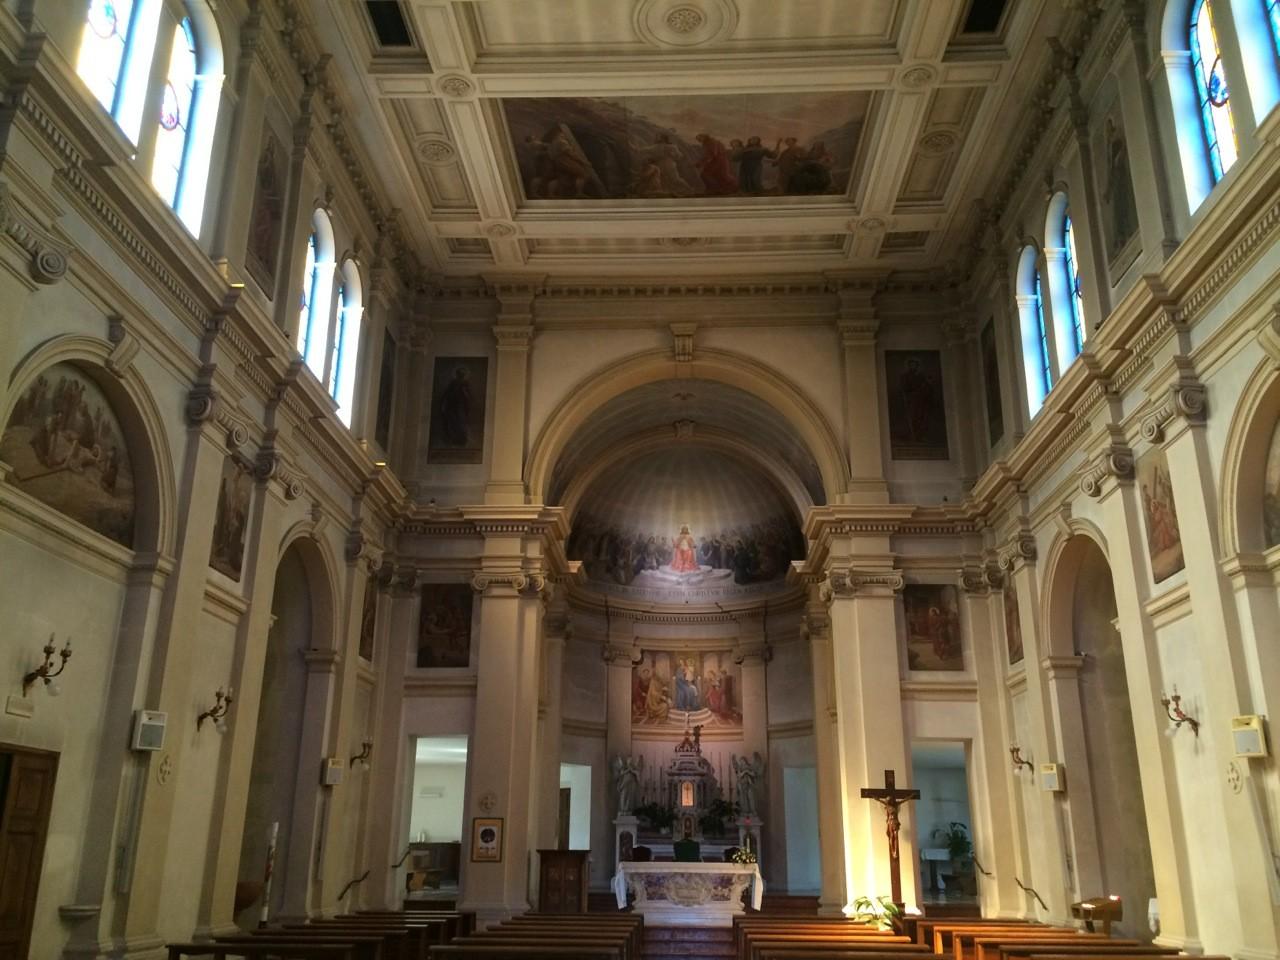 Chiese Romantiche Padova Chiesanuova